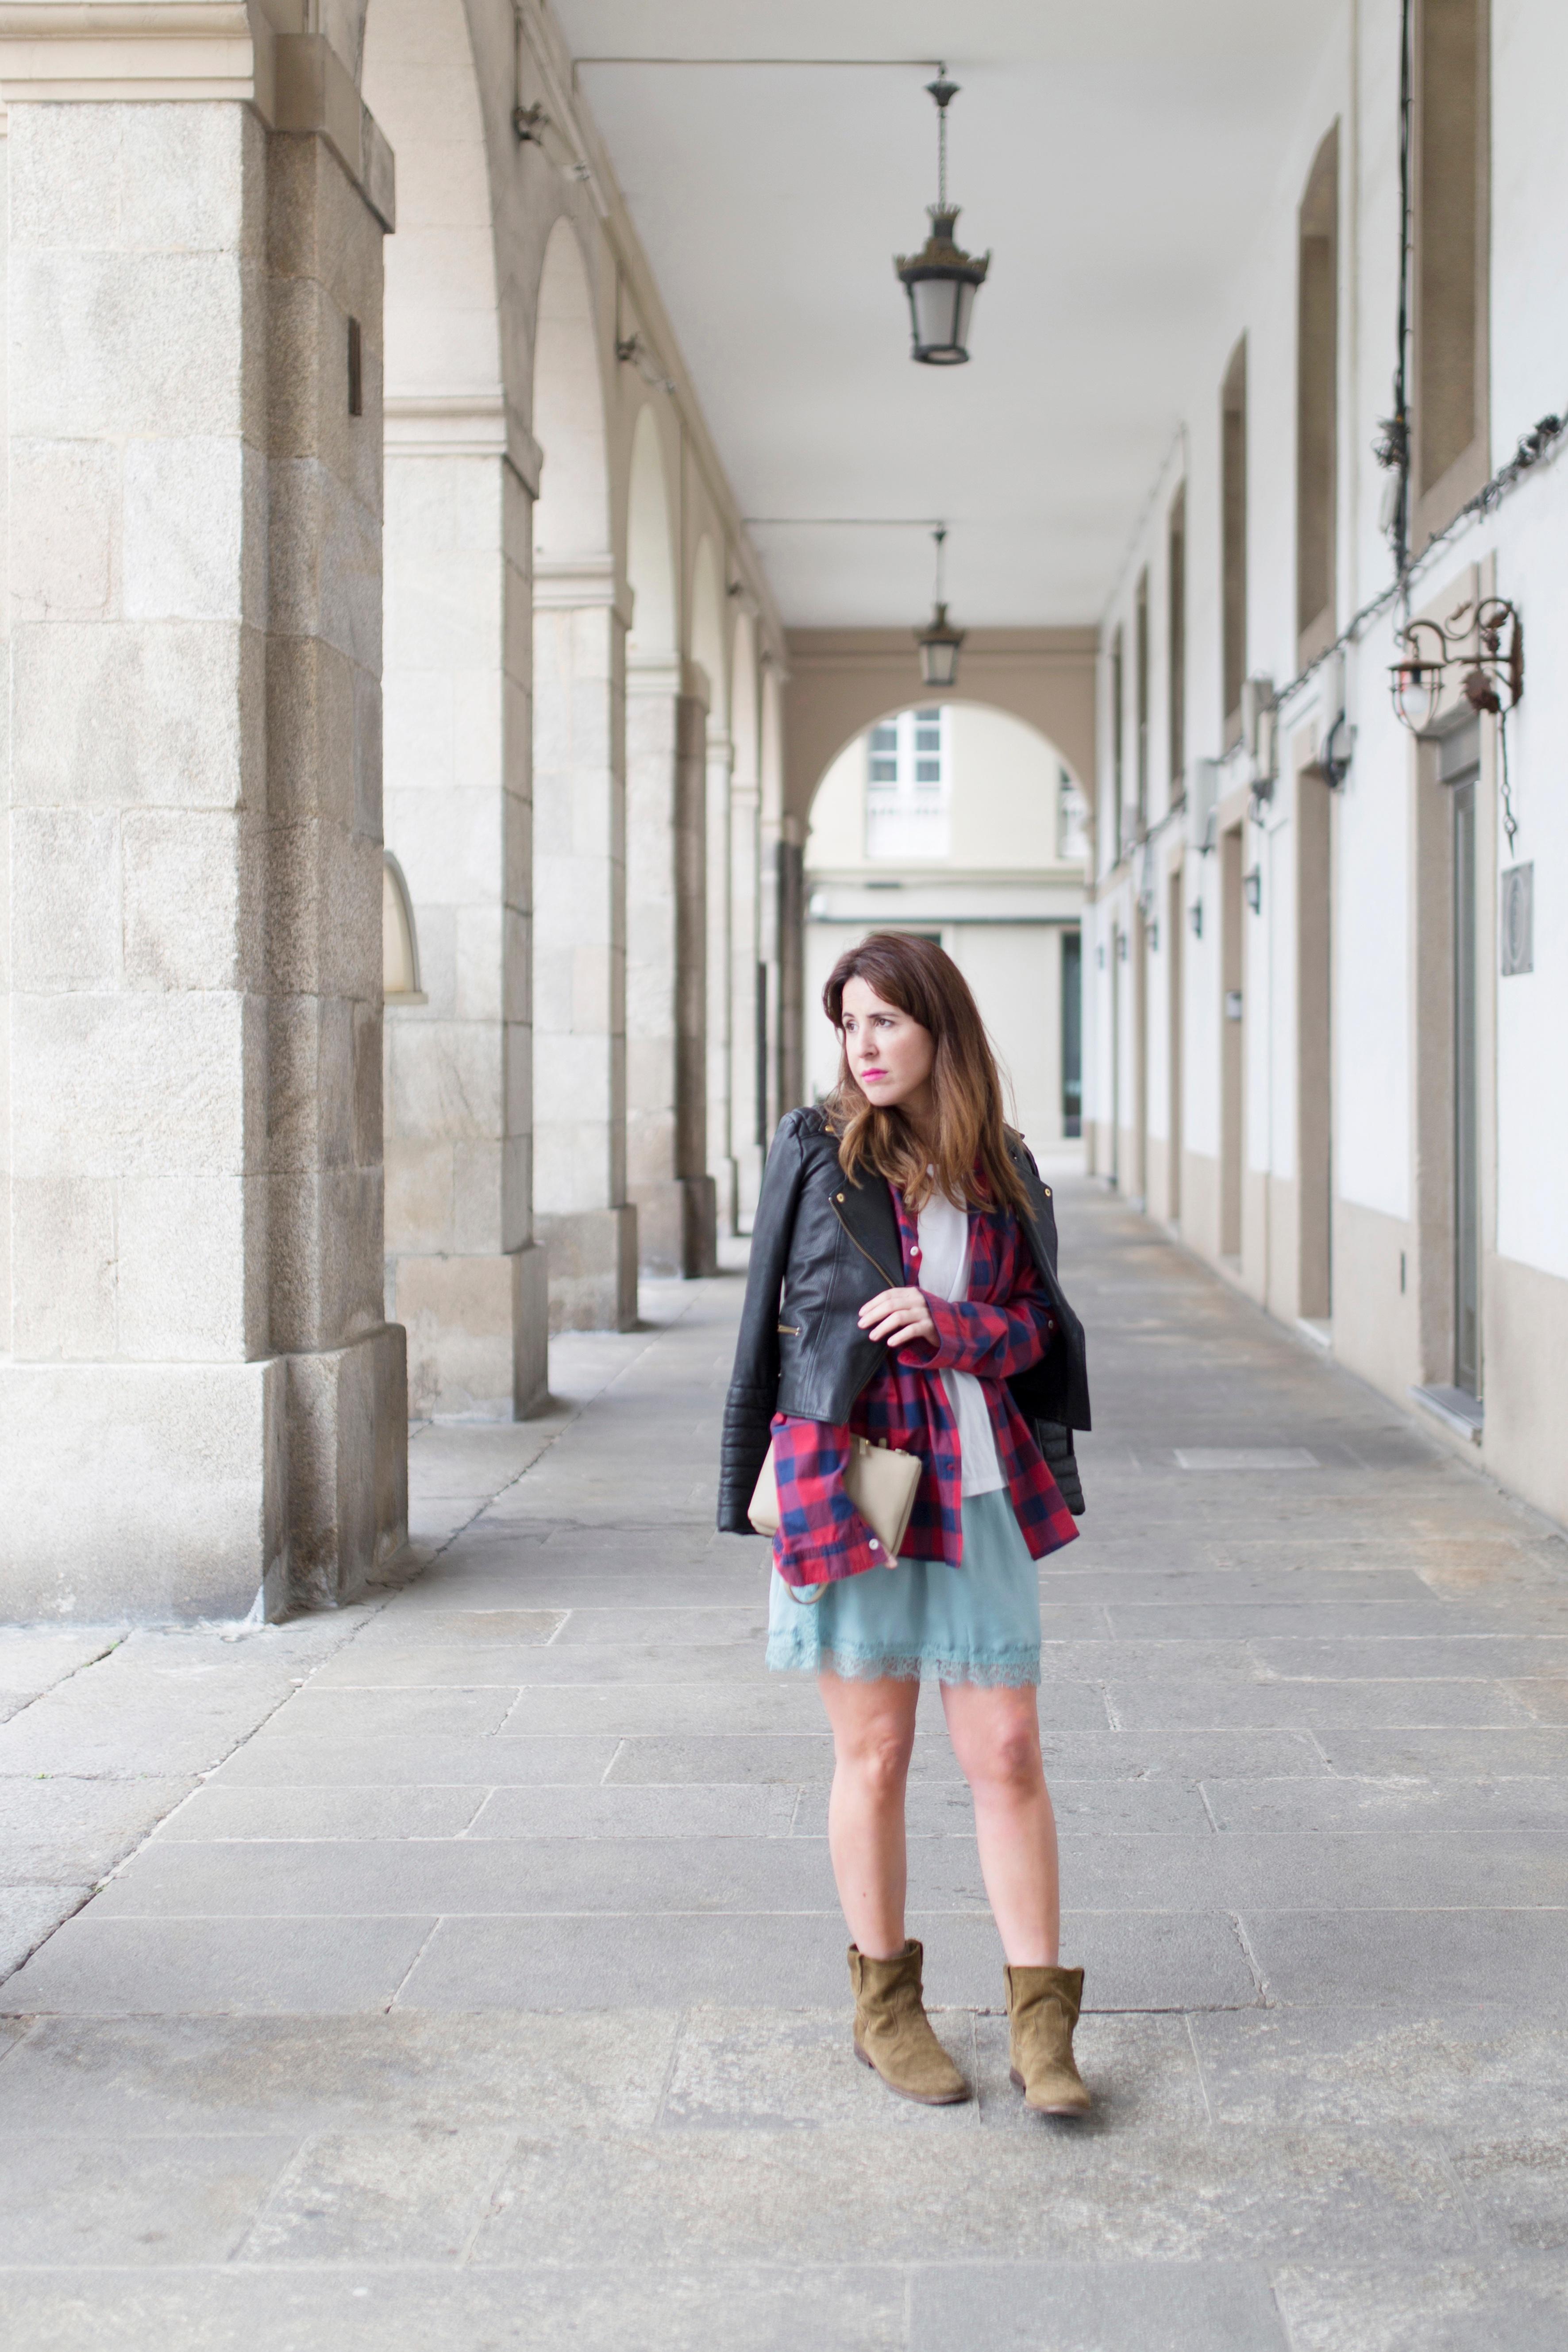 céline-fashion-descalzaporelparque-moda-calle-zara-perfecto-streetstyle-coruña-boots-blogger